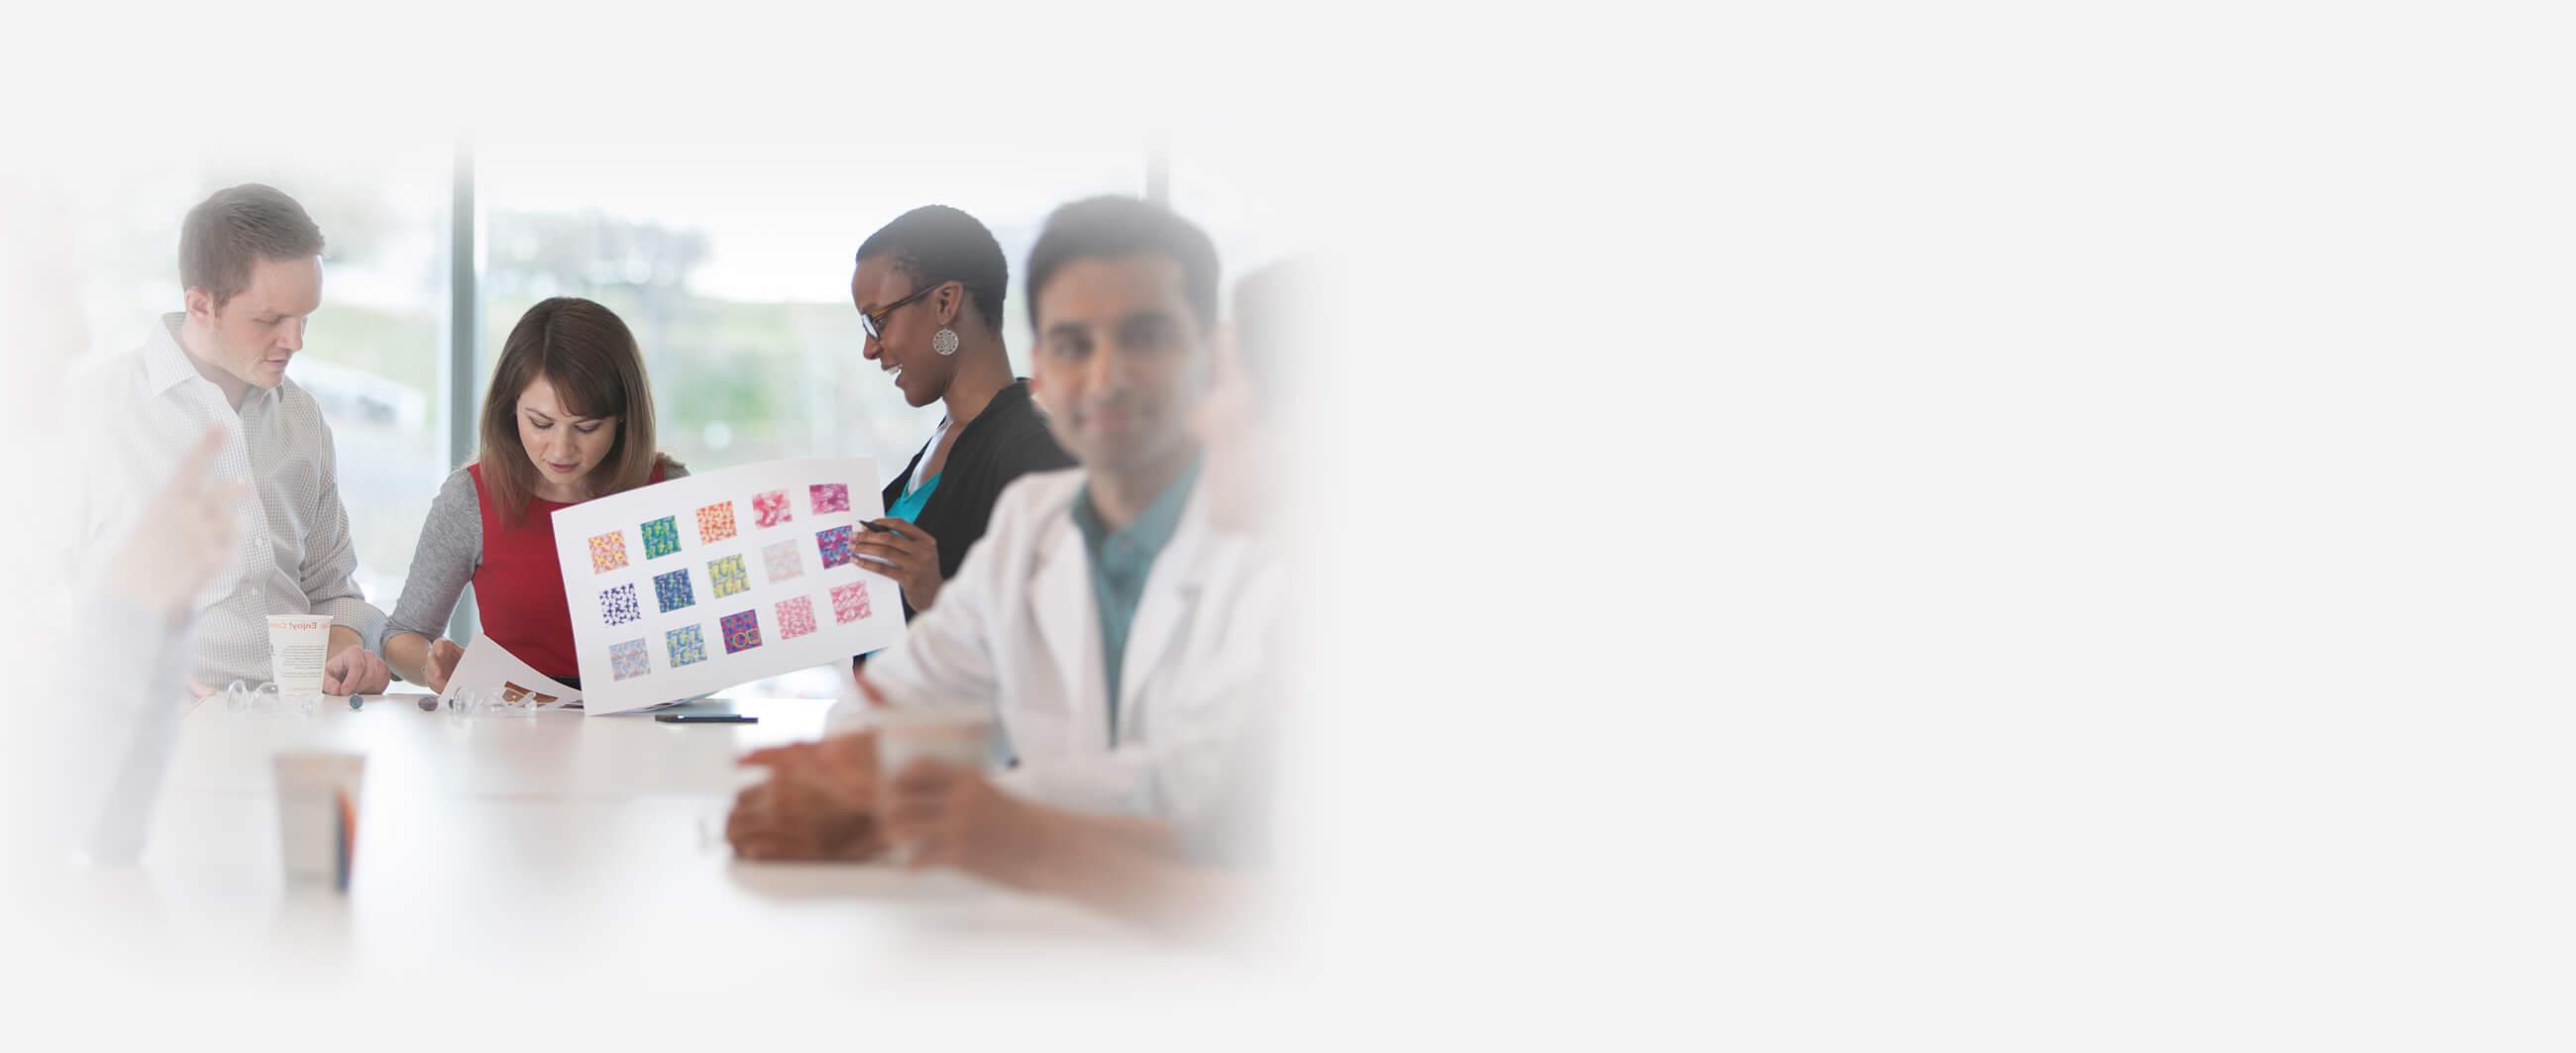 Um grupo de colegas de trabalho revisando um projeto em uma sala de reuniões.